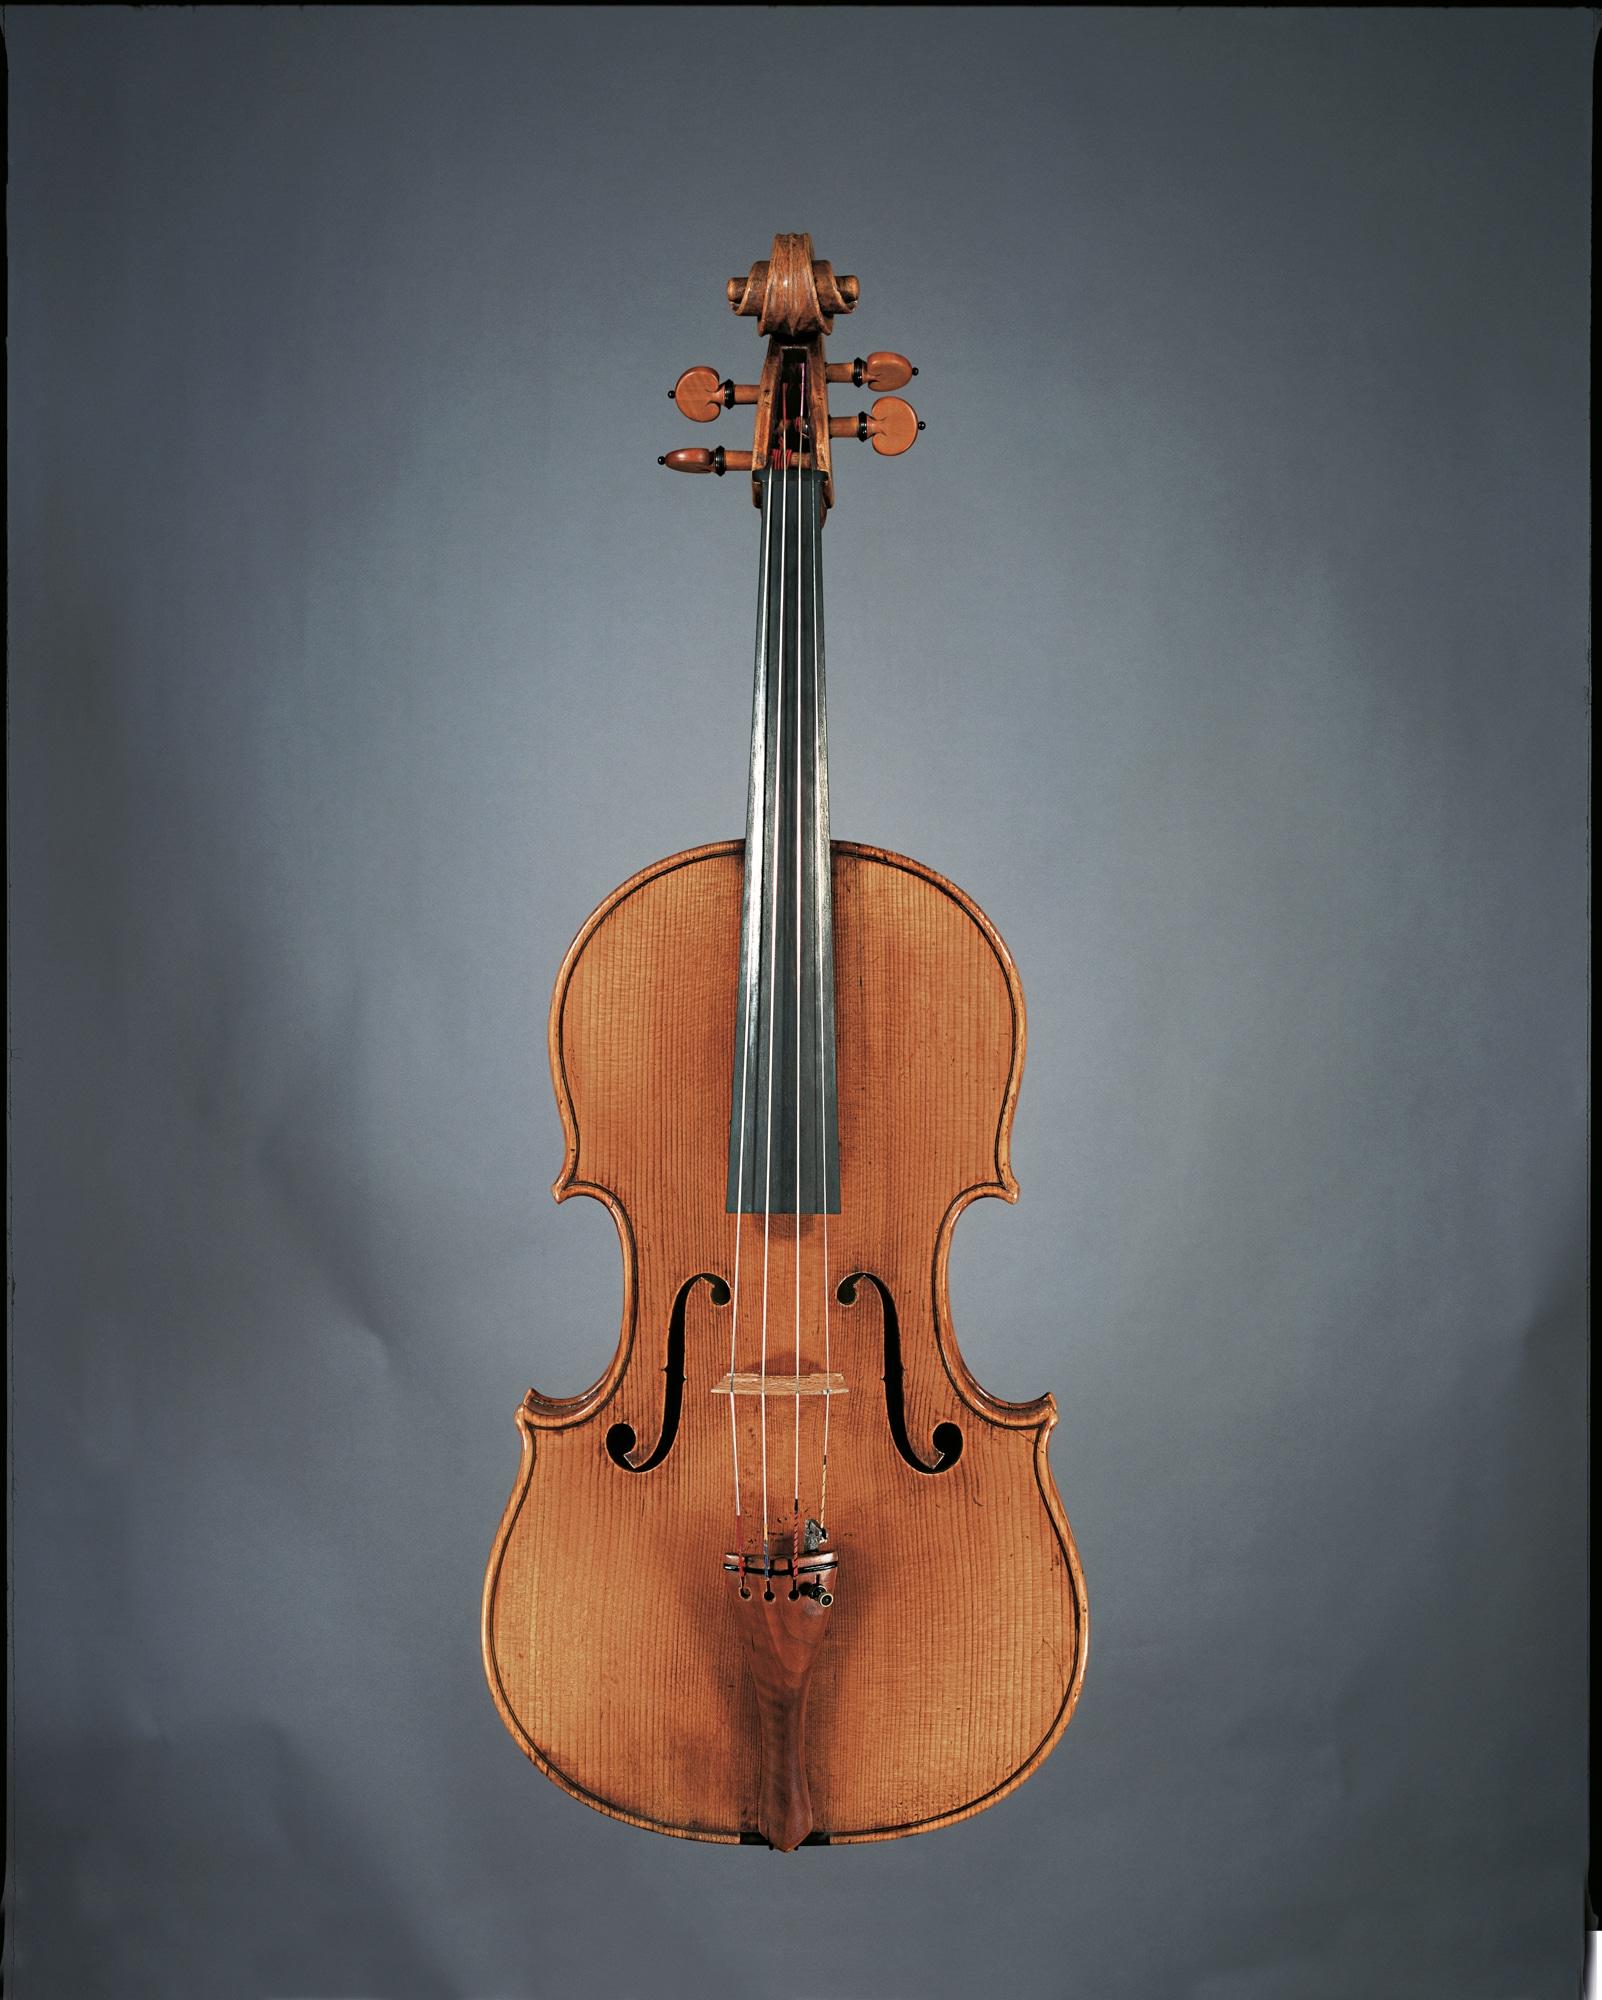 Beware the phony 'Mahler' Stradivari